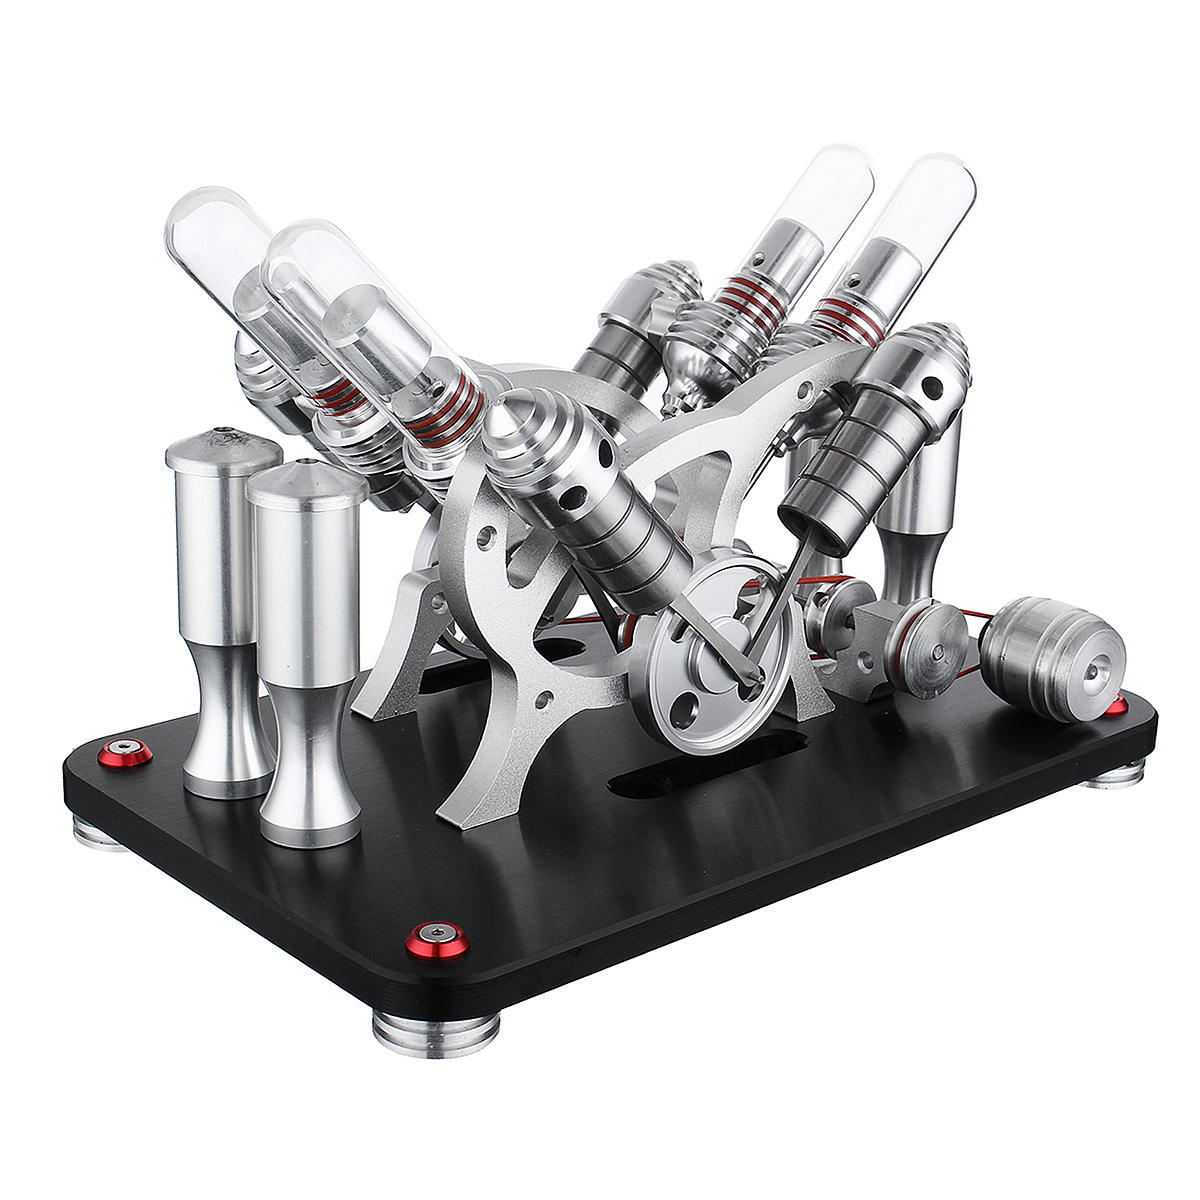 SaiDi STEM Four-cylinder Engine External Combustion V4 Stirling Engine Model